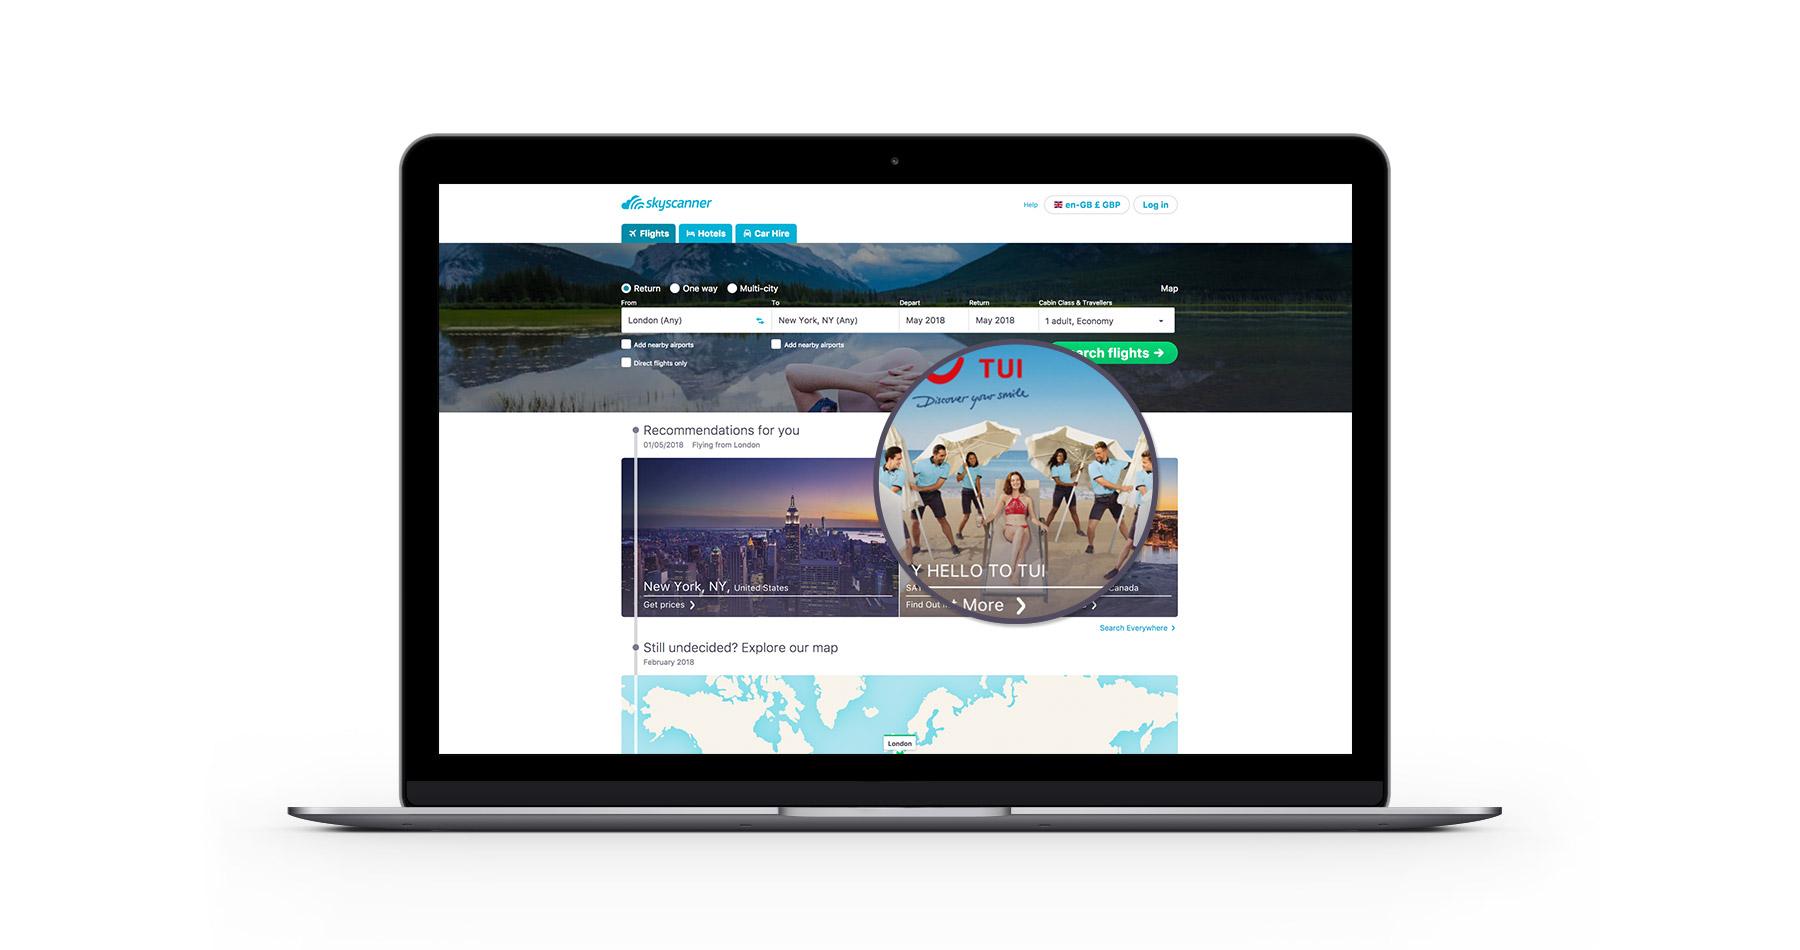 Skyscanner homepage tile